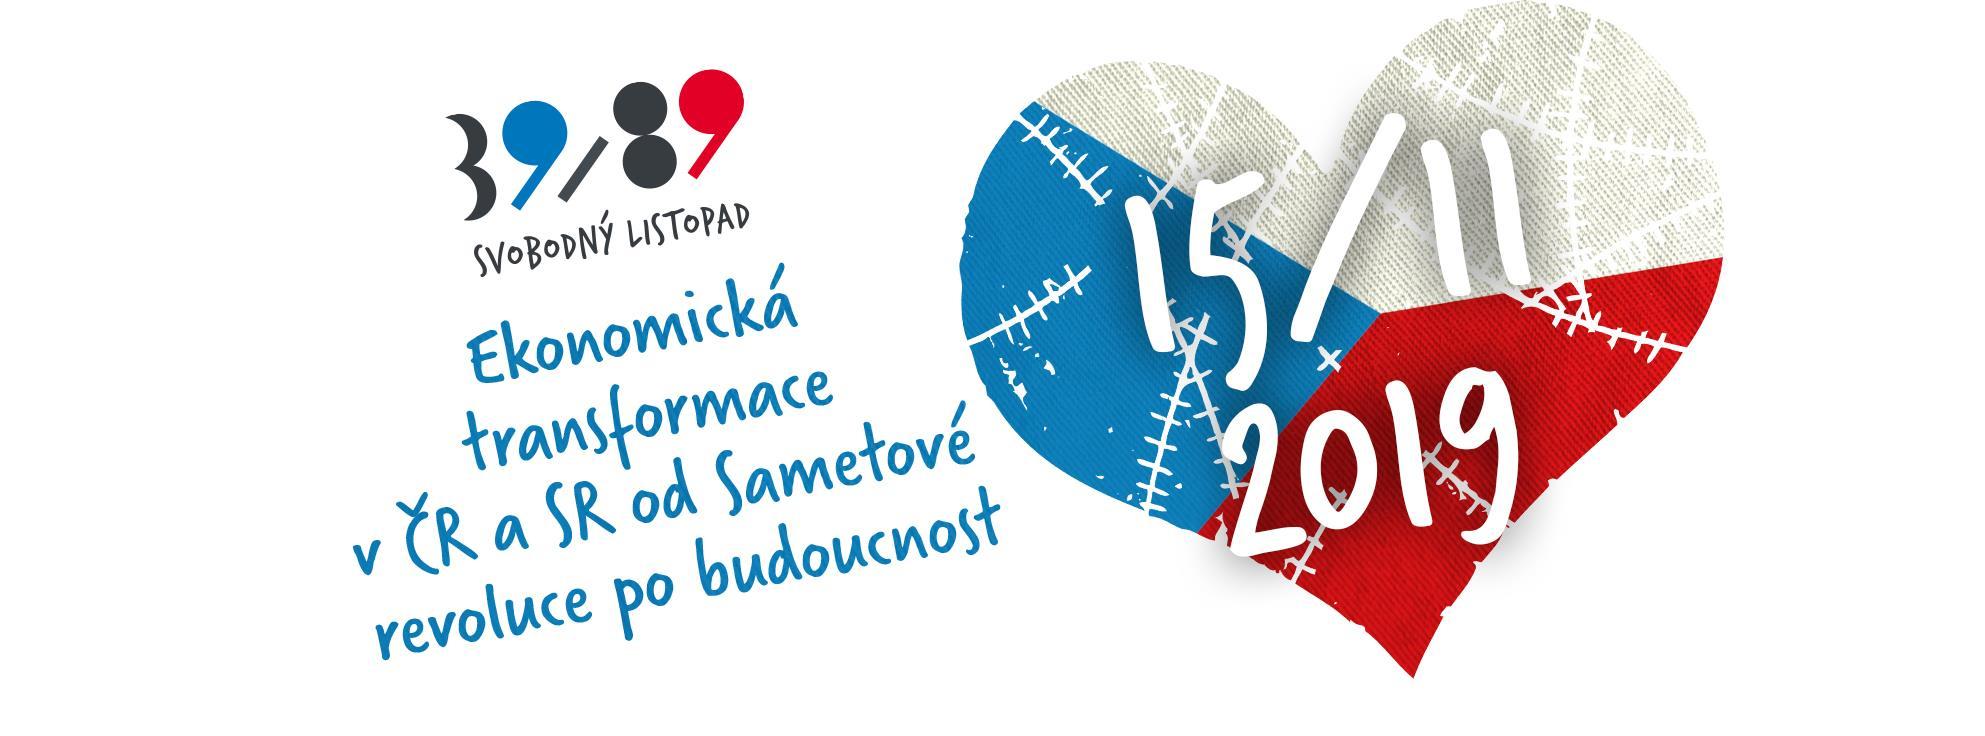 Ekonomická transformace v ČR a SR od Sametové revoluce po budoucnost